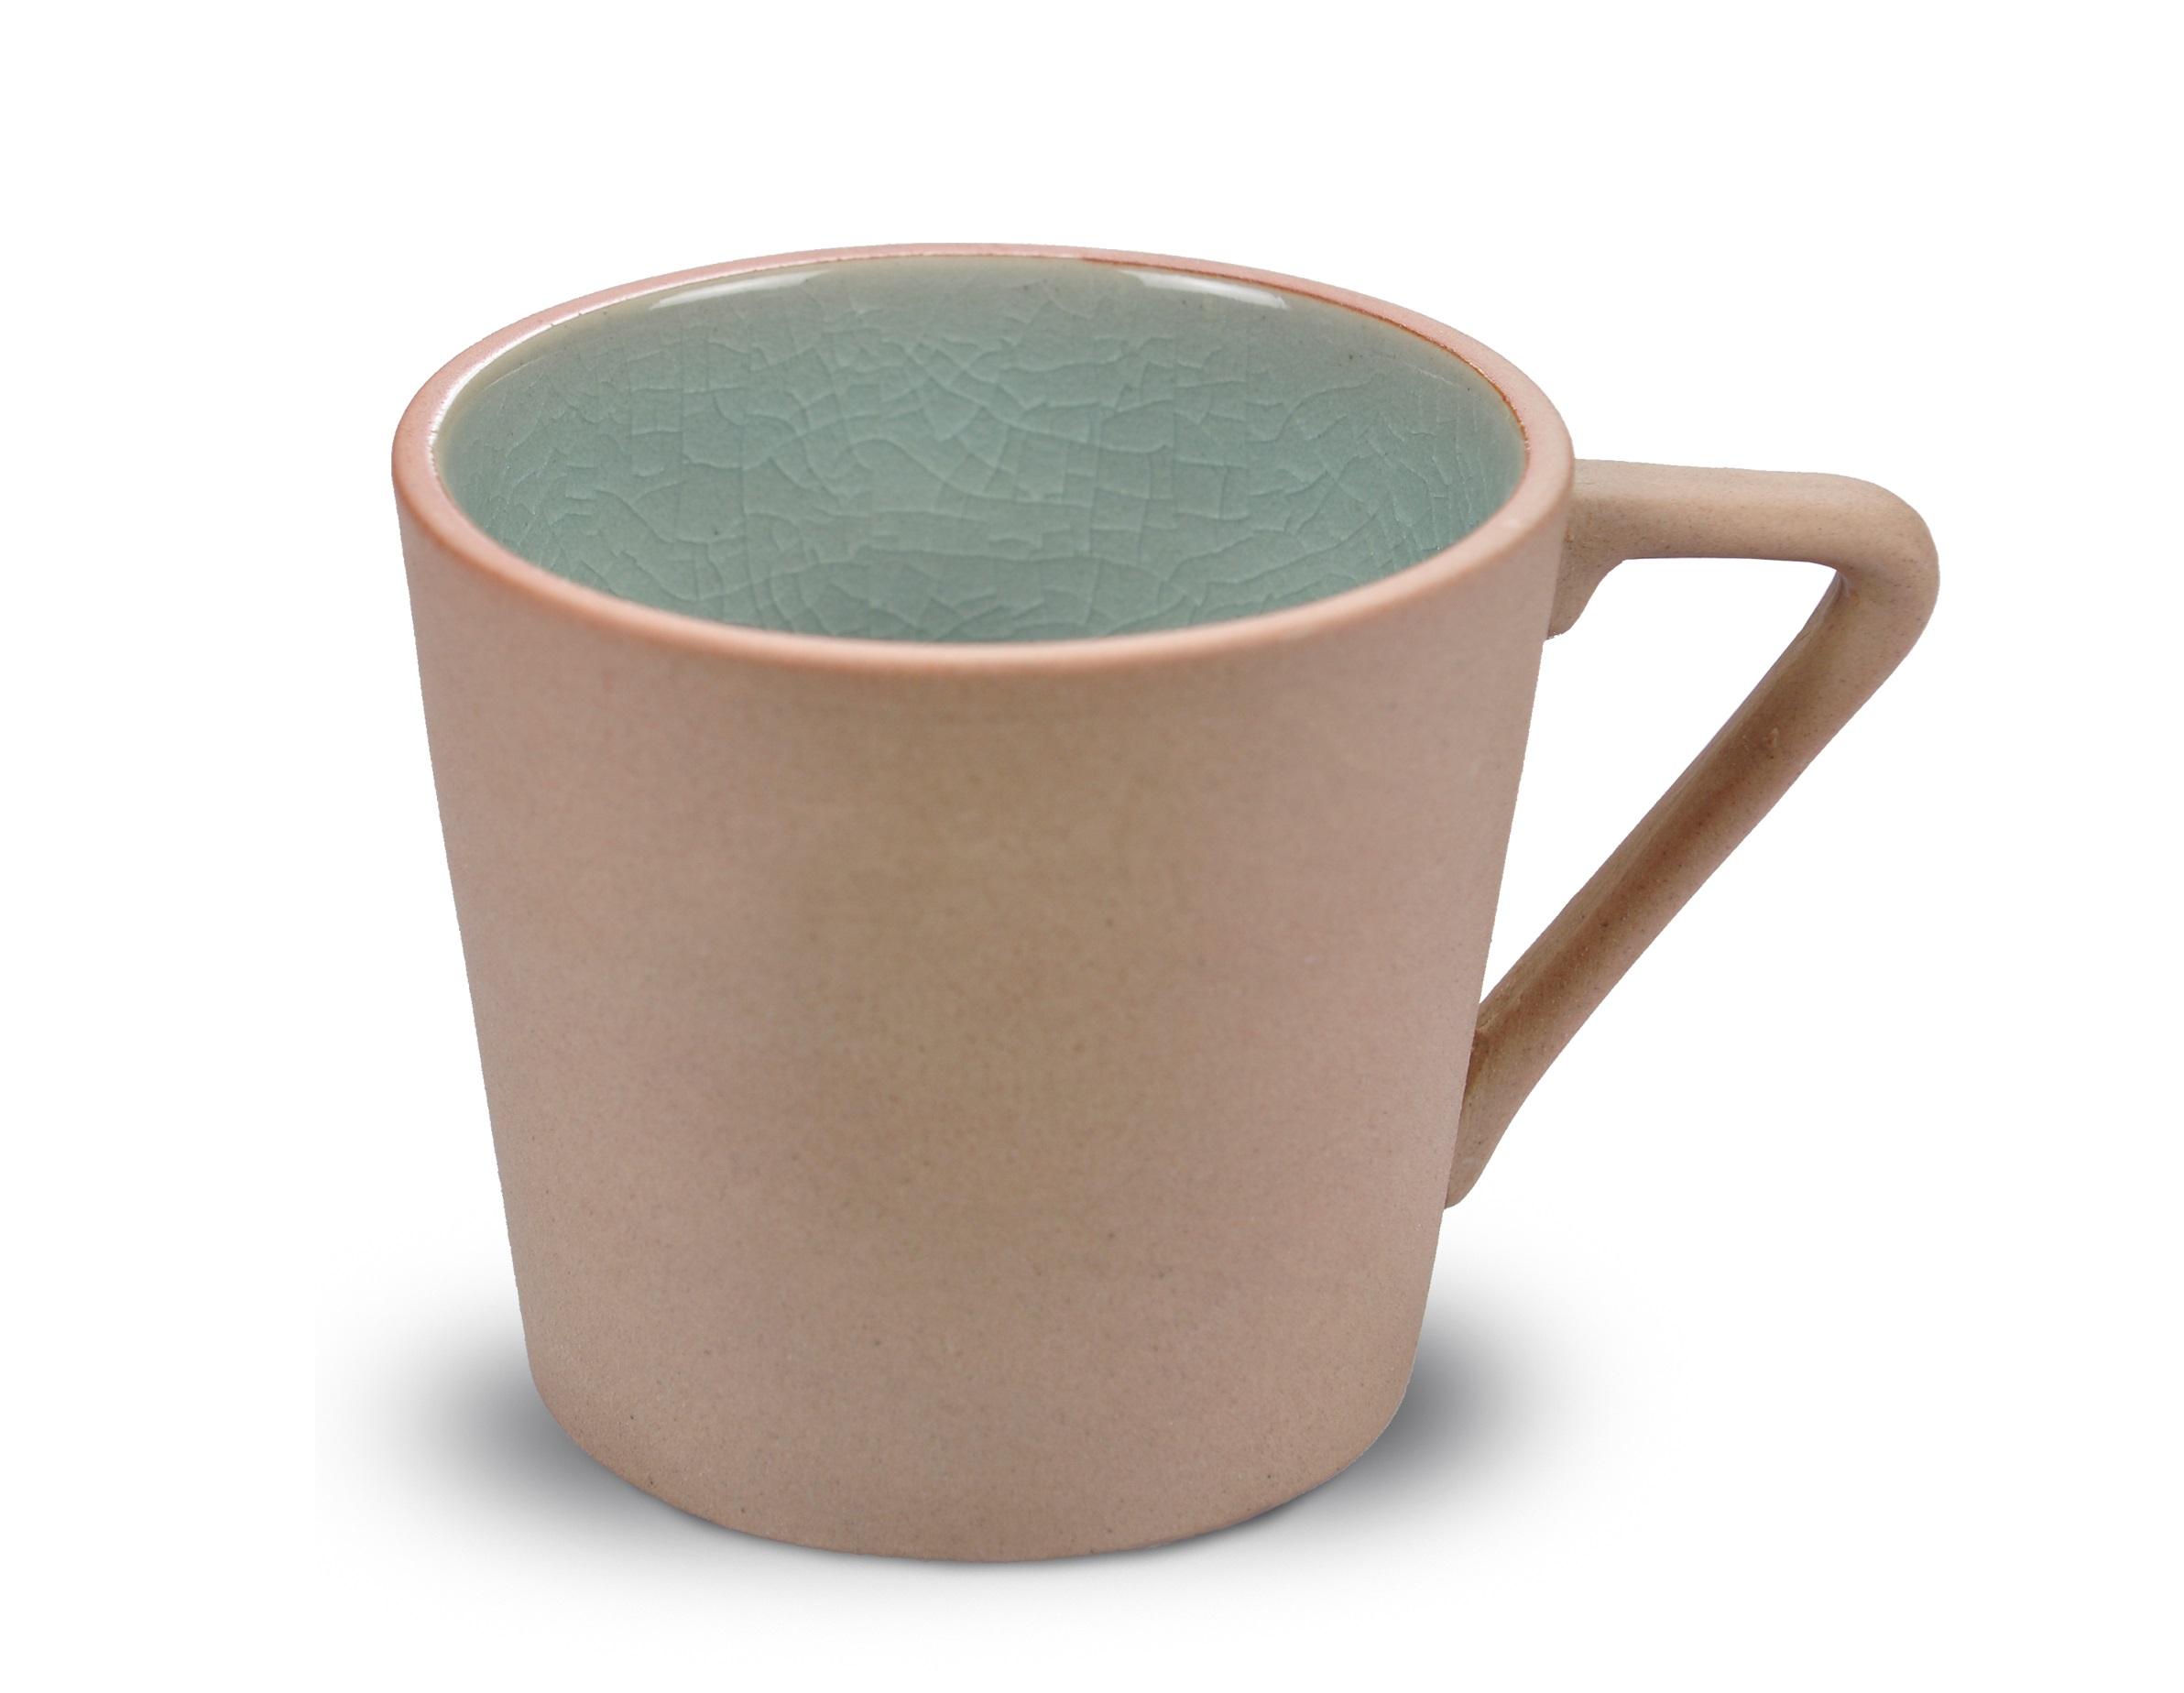 Кофейная чашка ConceptЧайные пары, чашки и кружки<br>Сочетание минималистических тенденций и классической текстуры позволило создать посуду, способную удовлетворить самый изысканный вкус. Коллекция напоминает о тех минутах, когда природа замирает в ожидании чуда. Домашний обед или ужин в ресторане, коллекция &amp;quot;Concept&amp;quot; создаст атмосферу индивидуальности, изысканности и гармонии.&amp;amp;nbsp;&amp;lt;div&amp;gt;&amp;lt;br&amp;gt;&amp;lt;/div&amp;gt;&amp;lt;div&amp;gt;Чашка - 300 мл.&amp;lt;/div&amp;gt;<br><br>Material: Керамика<br>Высота см: 8